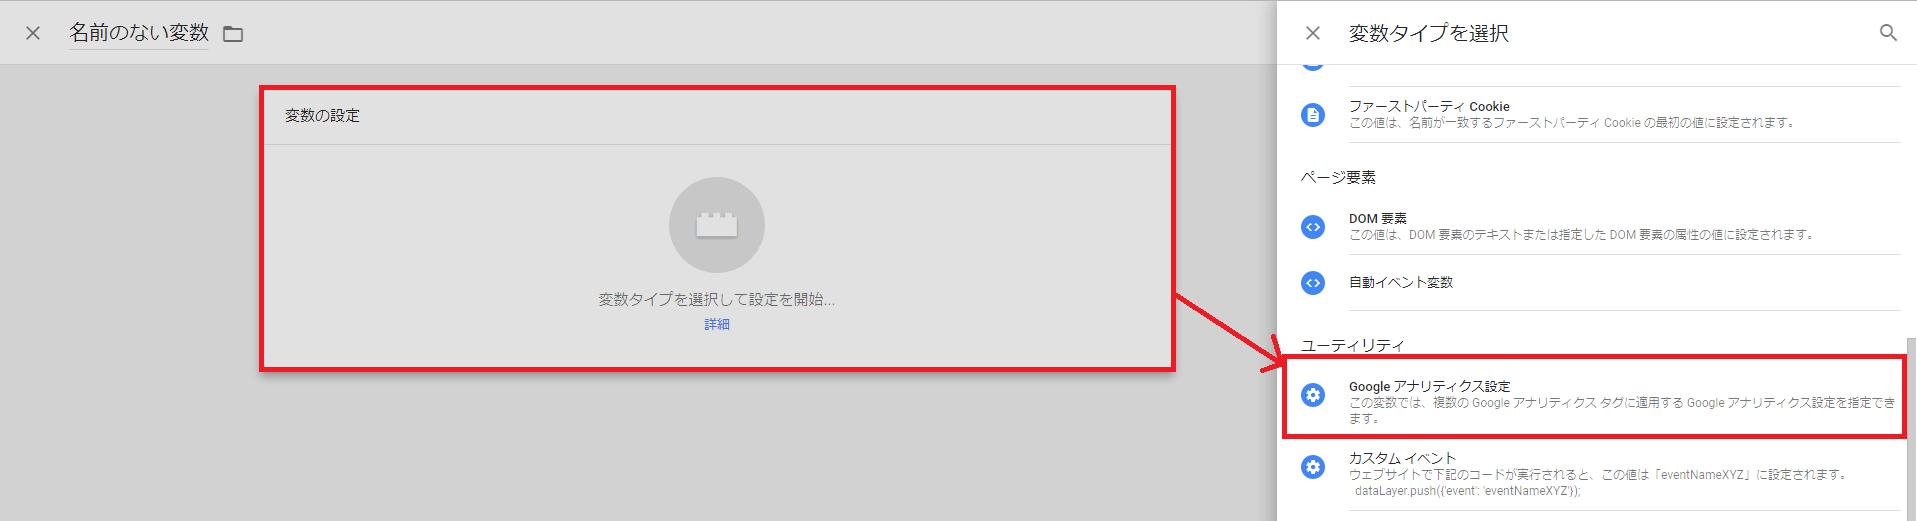 「変数の設定」→「Google アナリティクス設定」の順にクリックする。